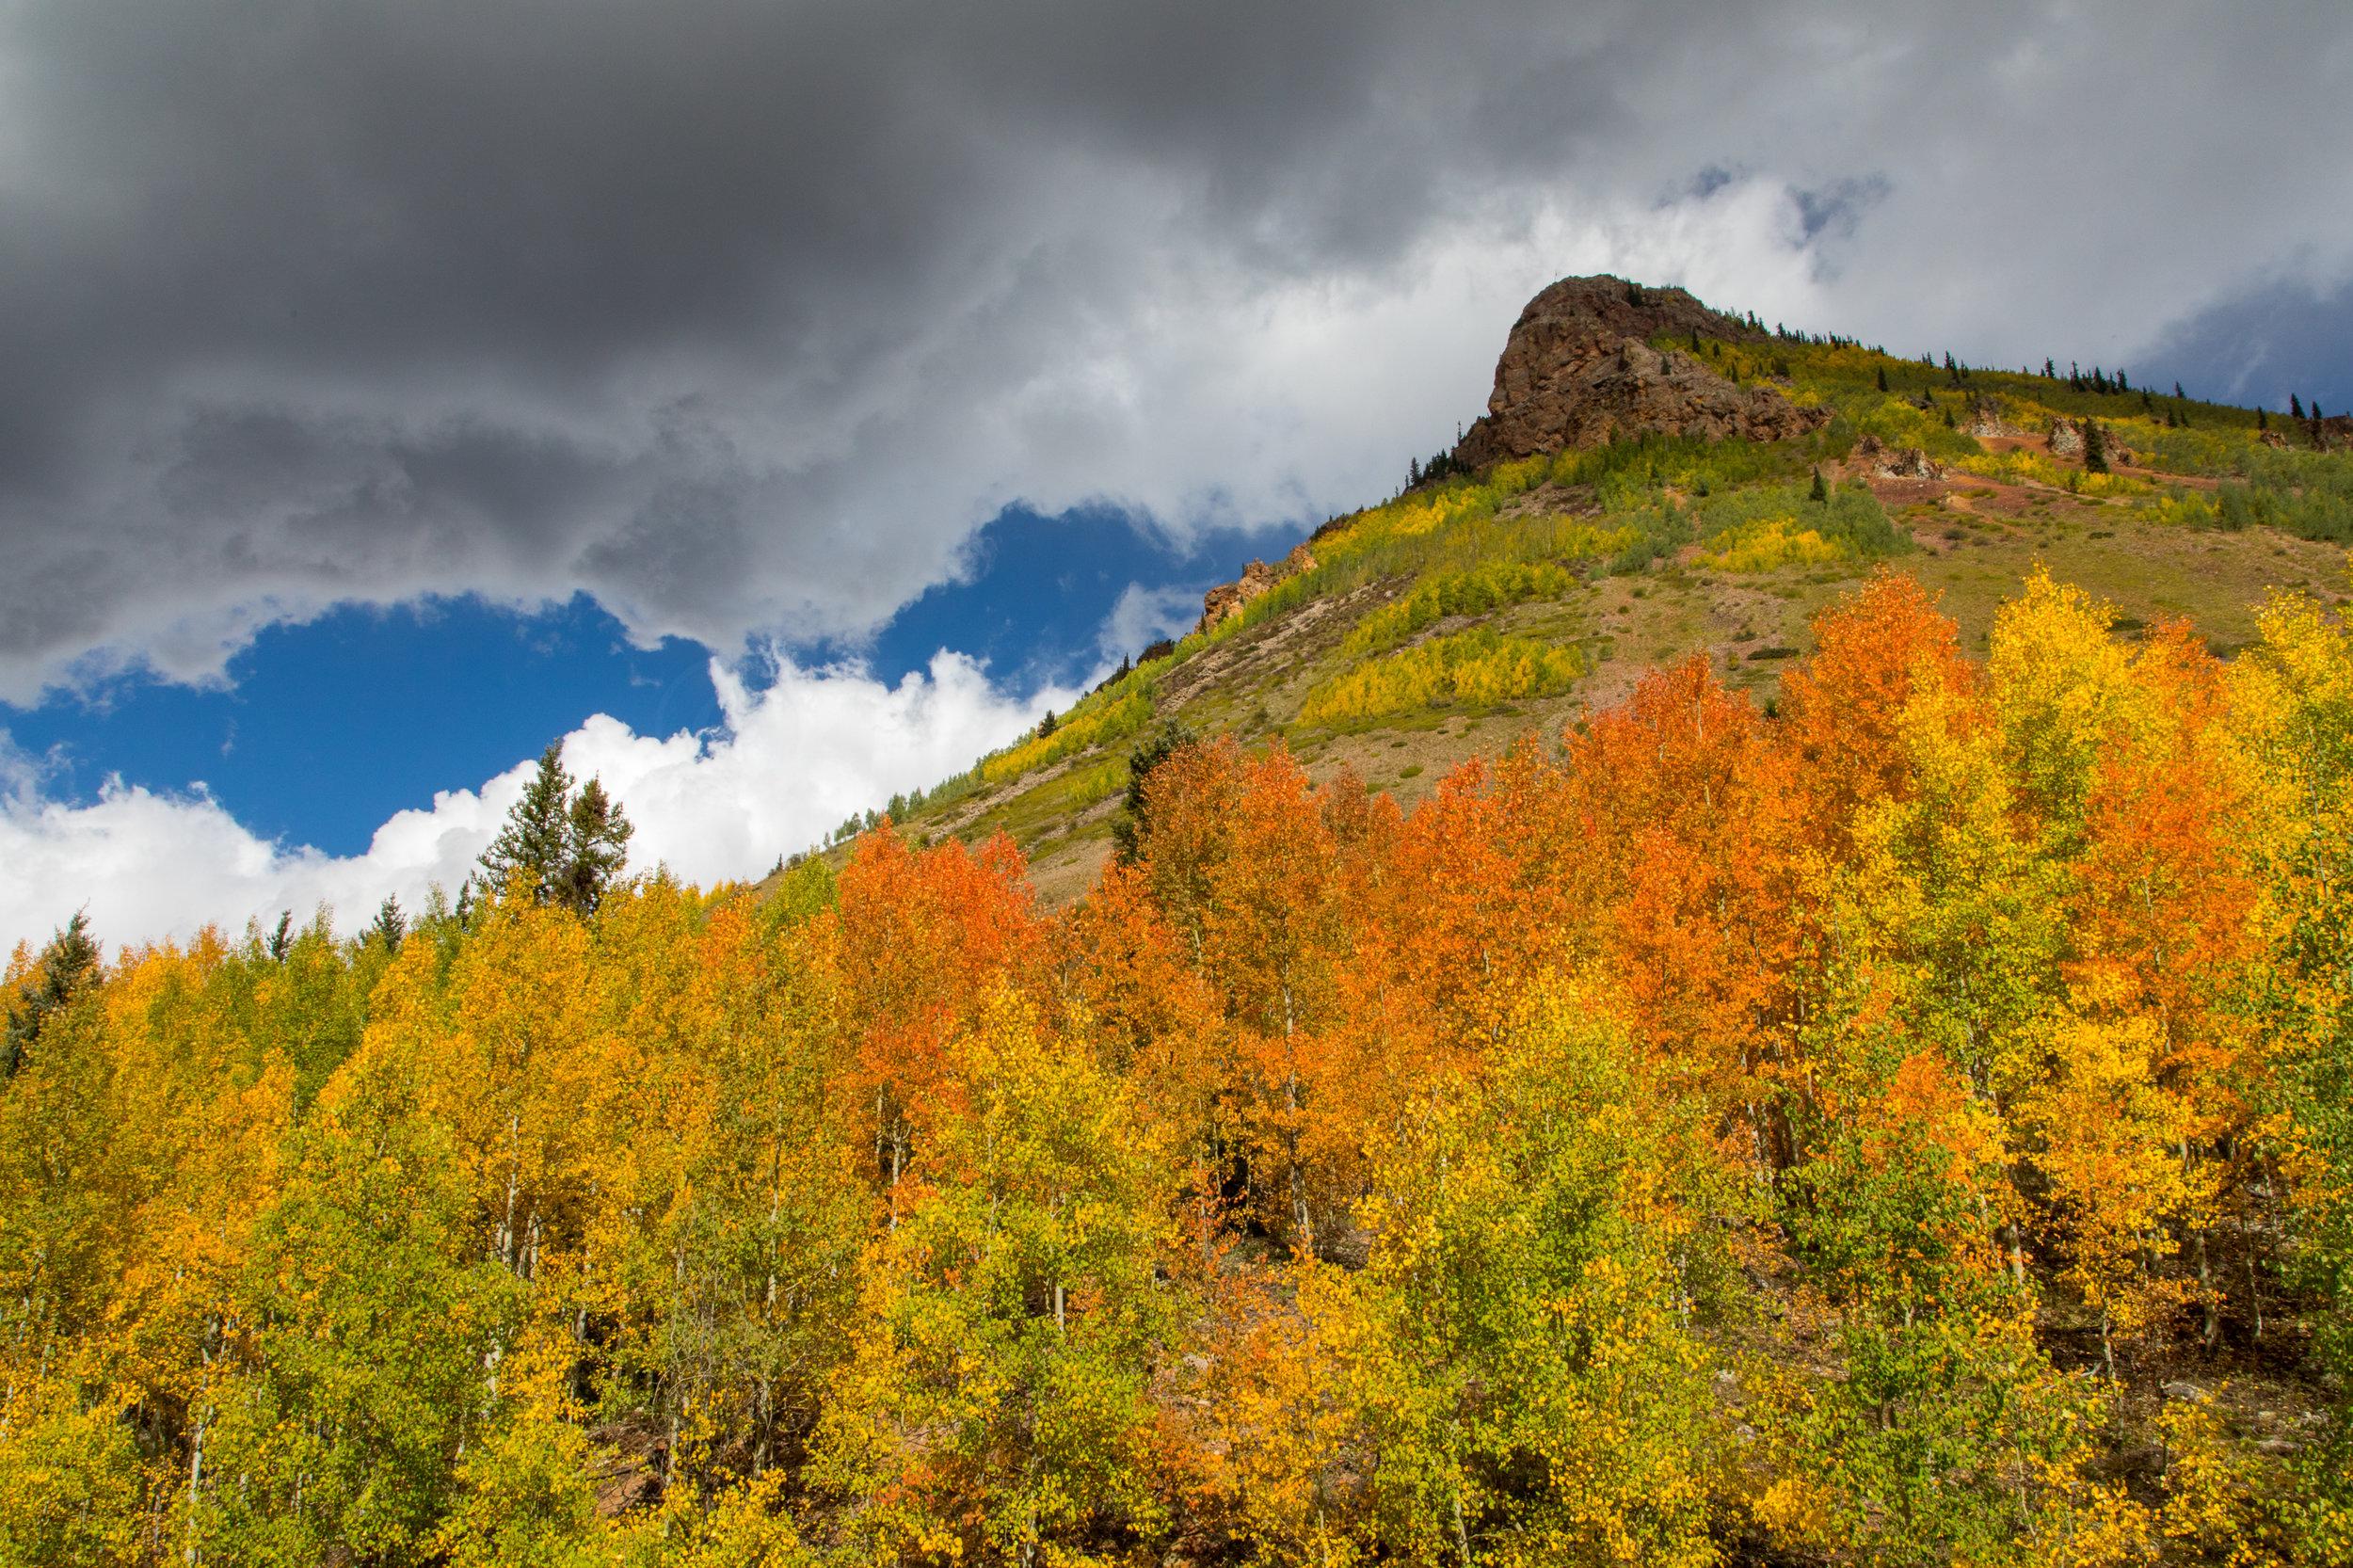 Silverton, Colorado, Image # 9746